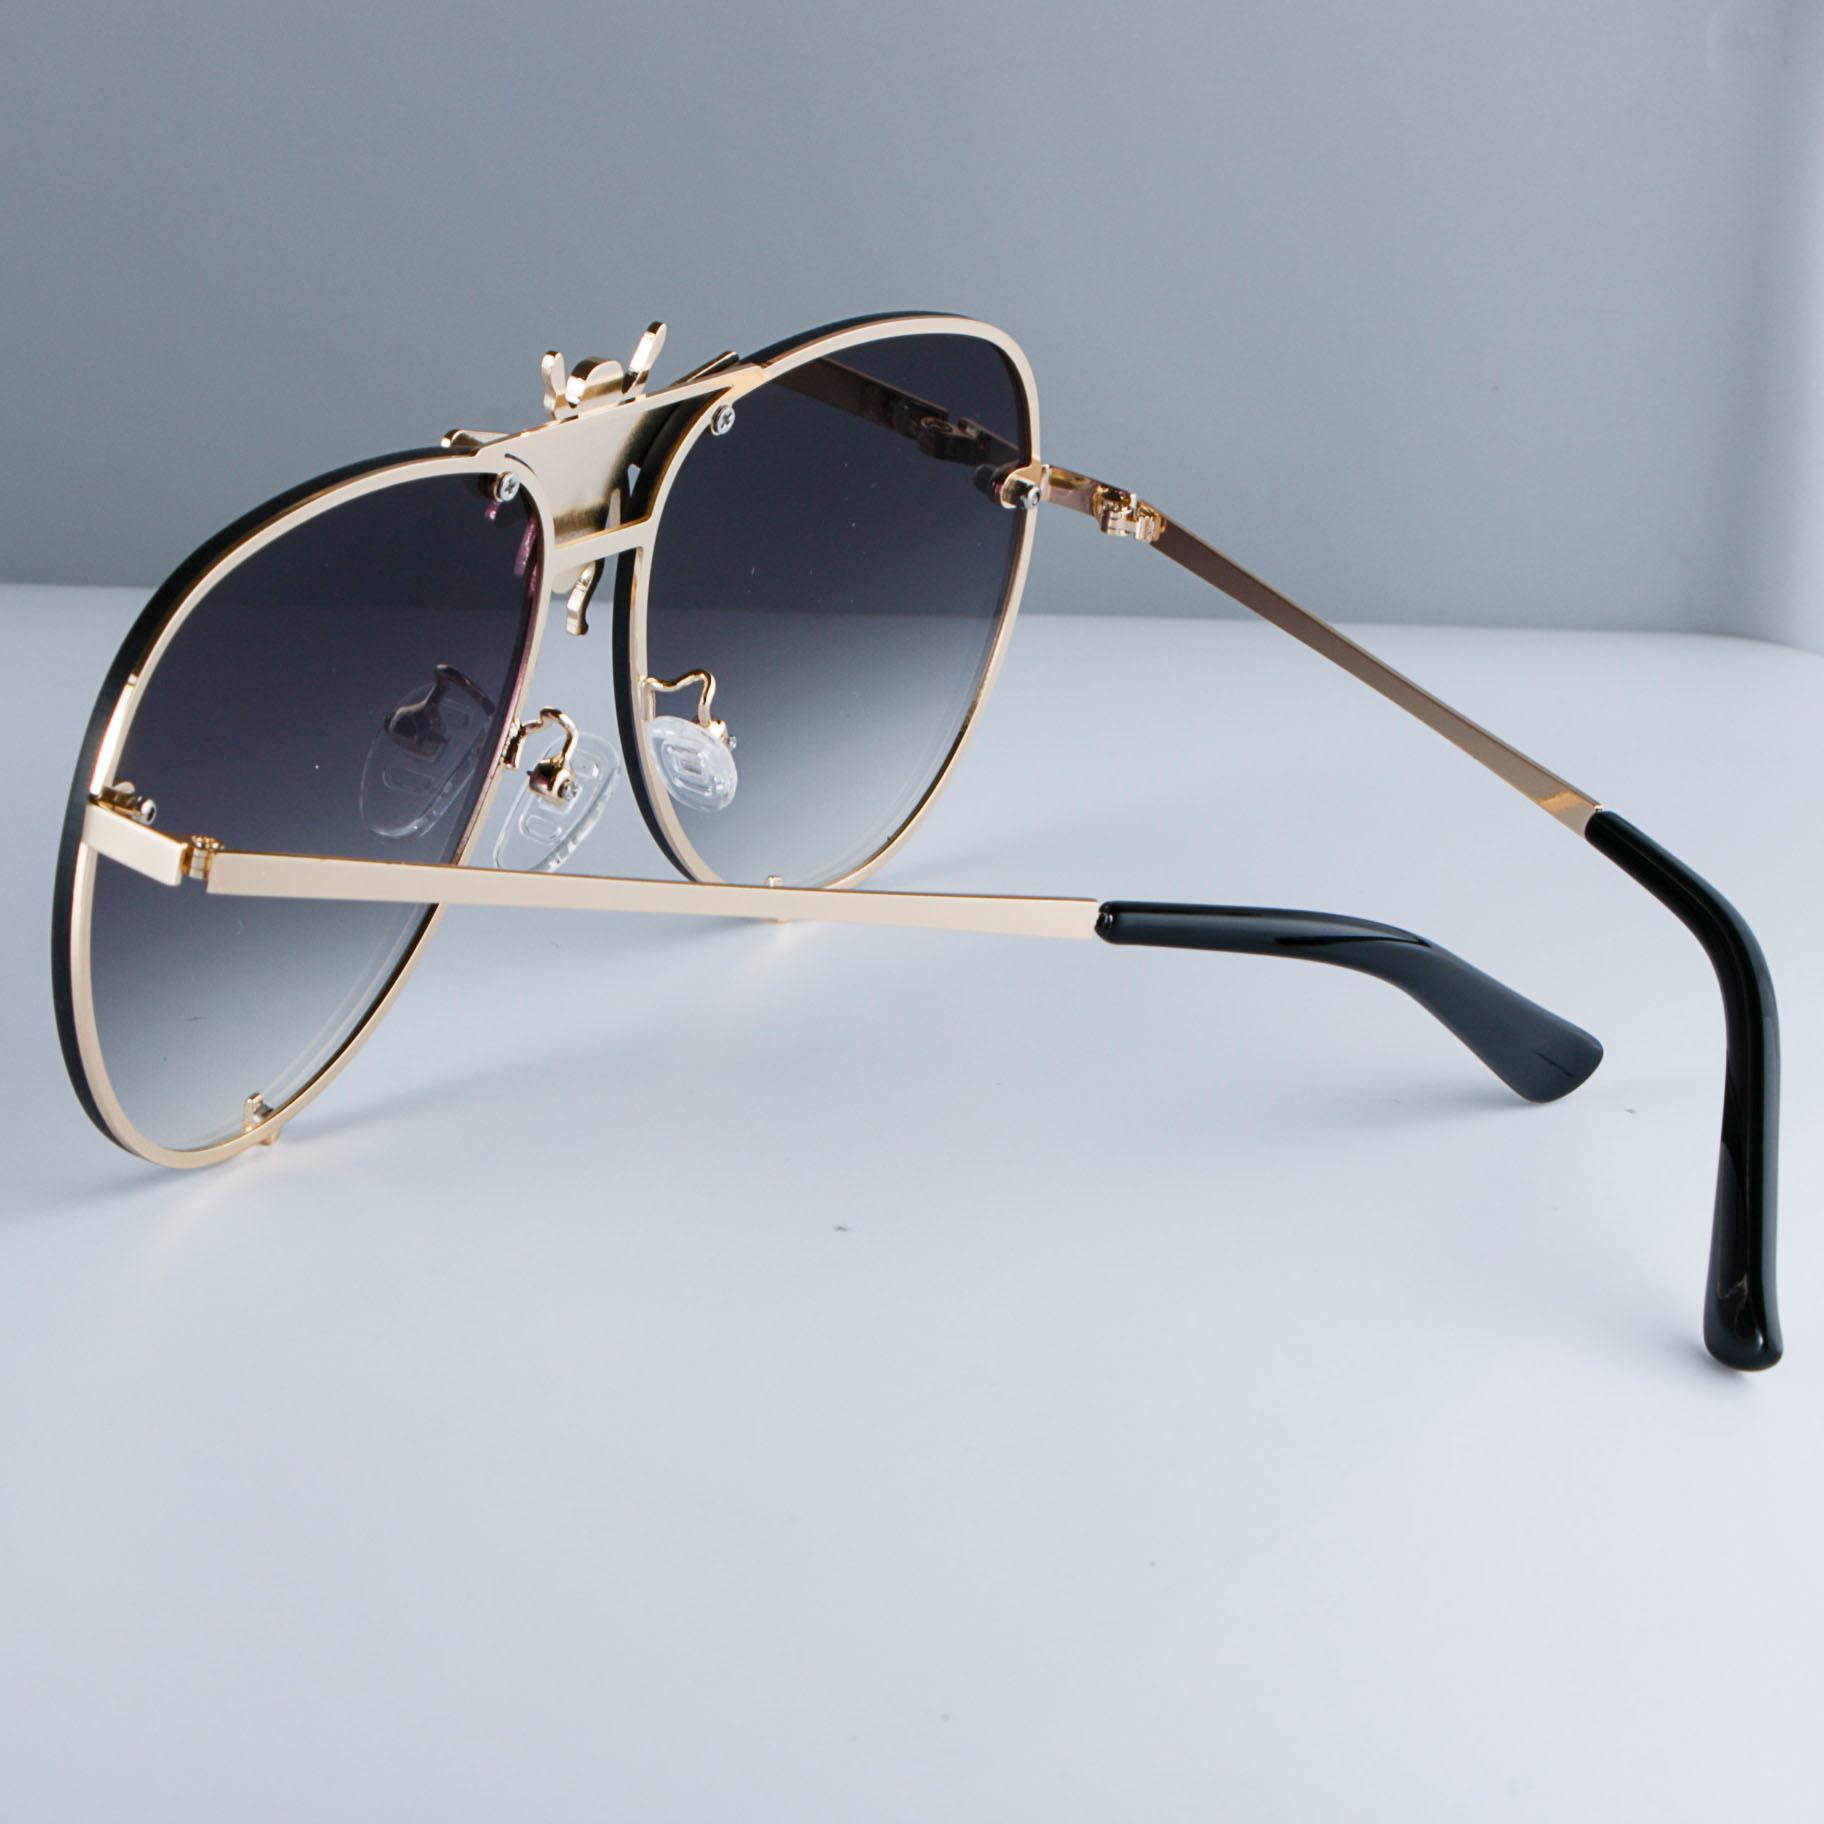 Lüks Arı Pilot Güneş Metal Çerçeve Degrade Lensler UV400 Retro Erkekler Kadınlar Shades 47850 MX190723